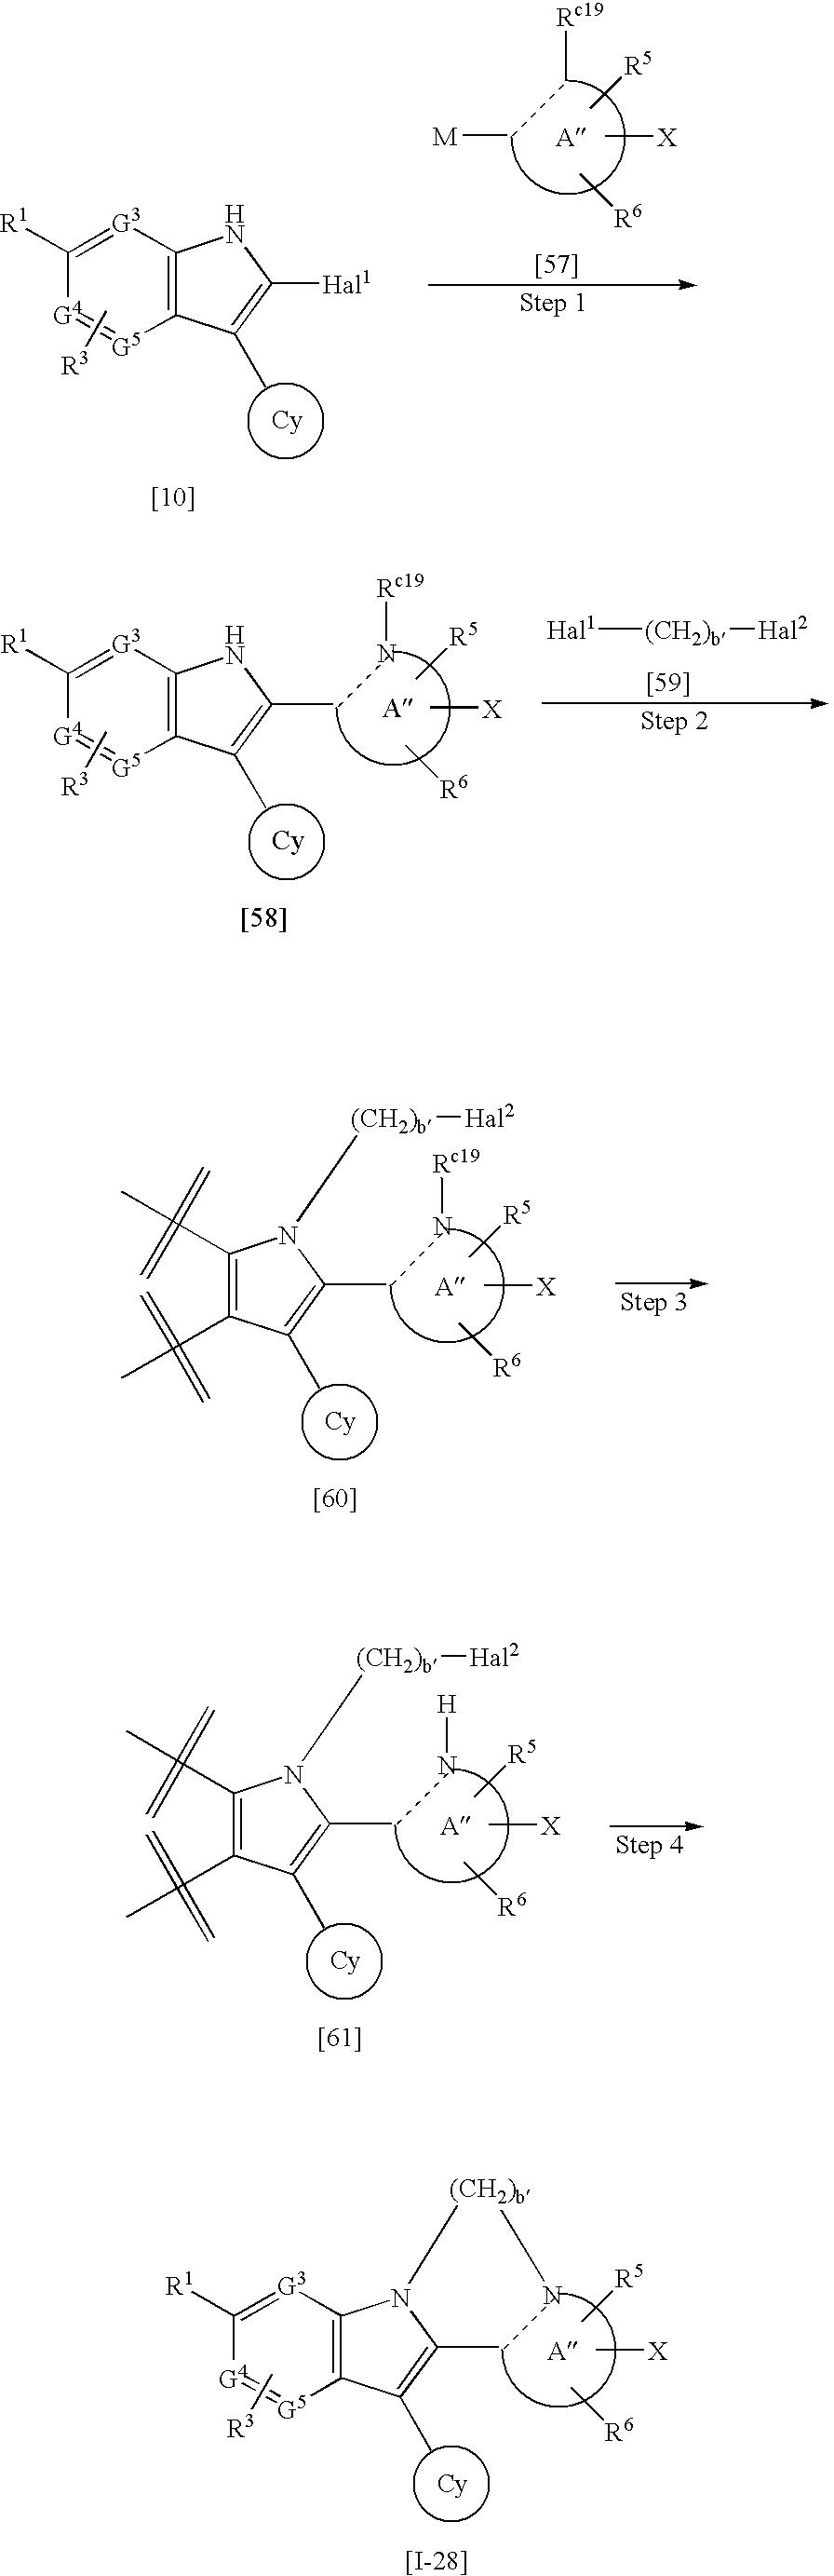 Figure US20070049593A1-20070301-C00289